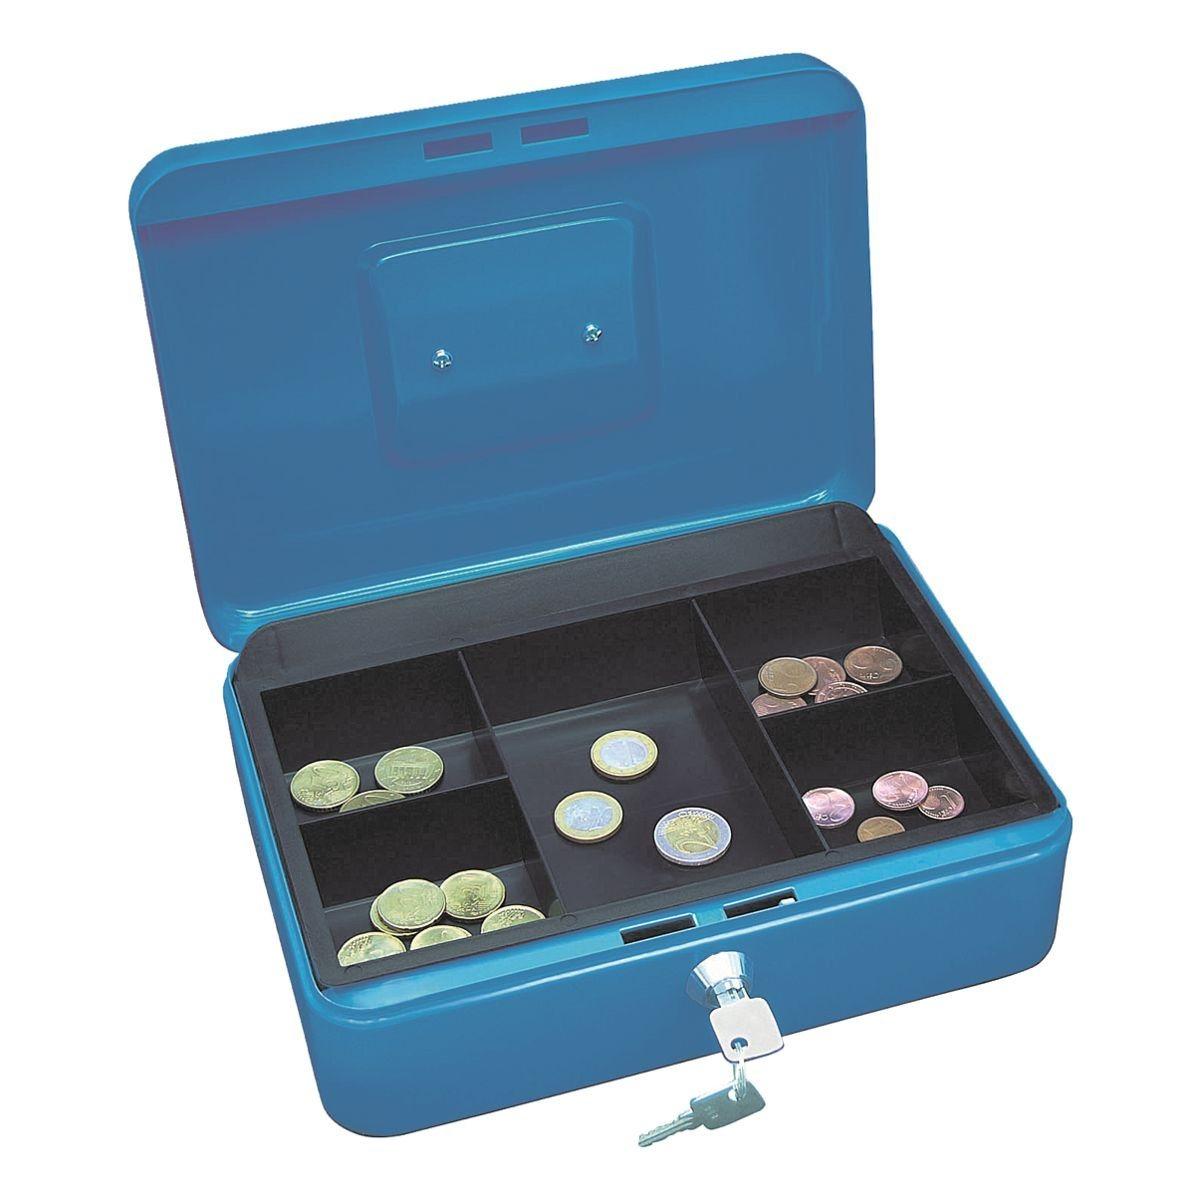 Wedo Geldkassette | Dekoration > Aufbewahrung und Ordnung > Kästchen | Pulverbeschichtet | WEDO